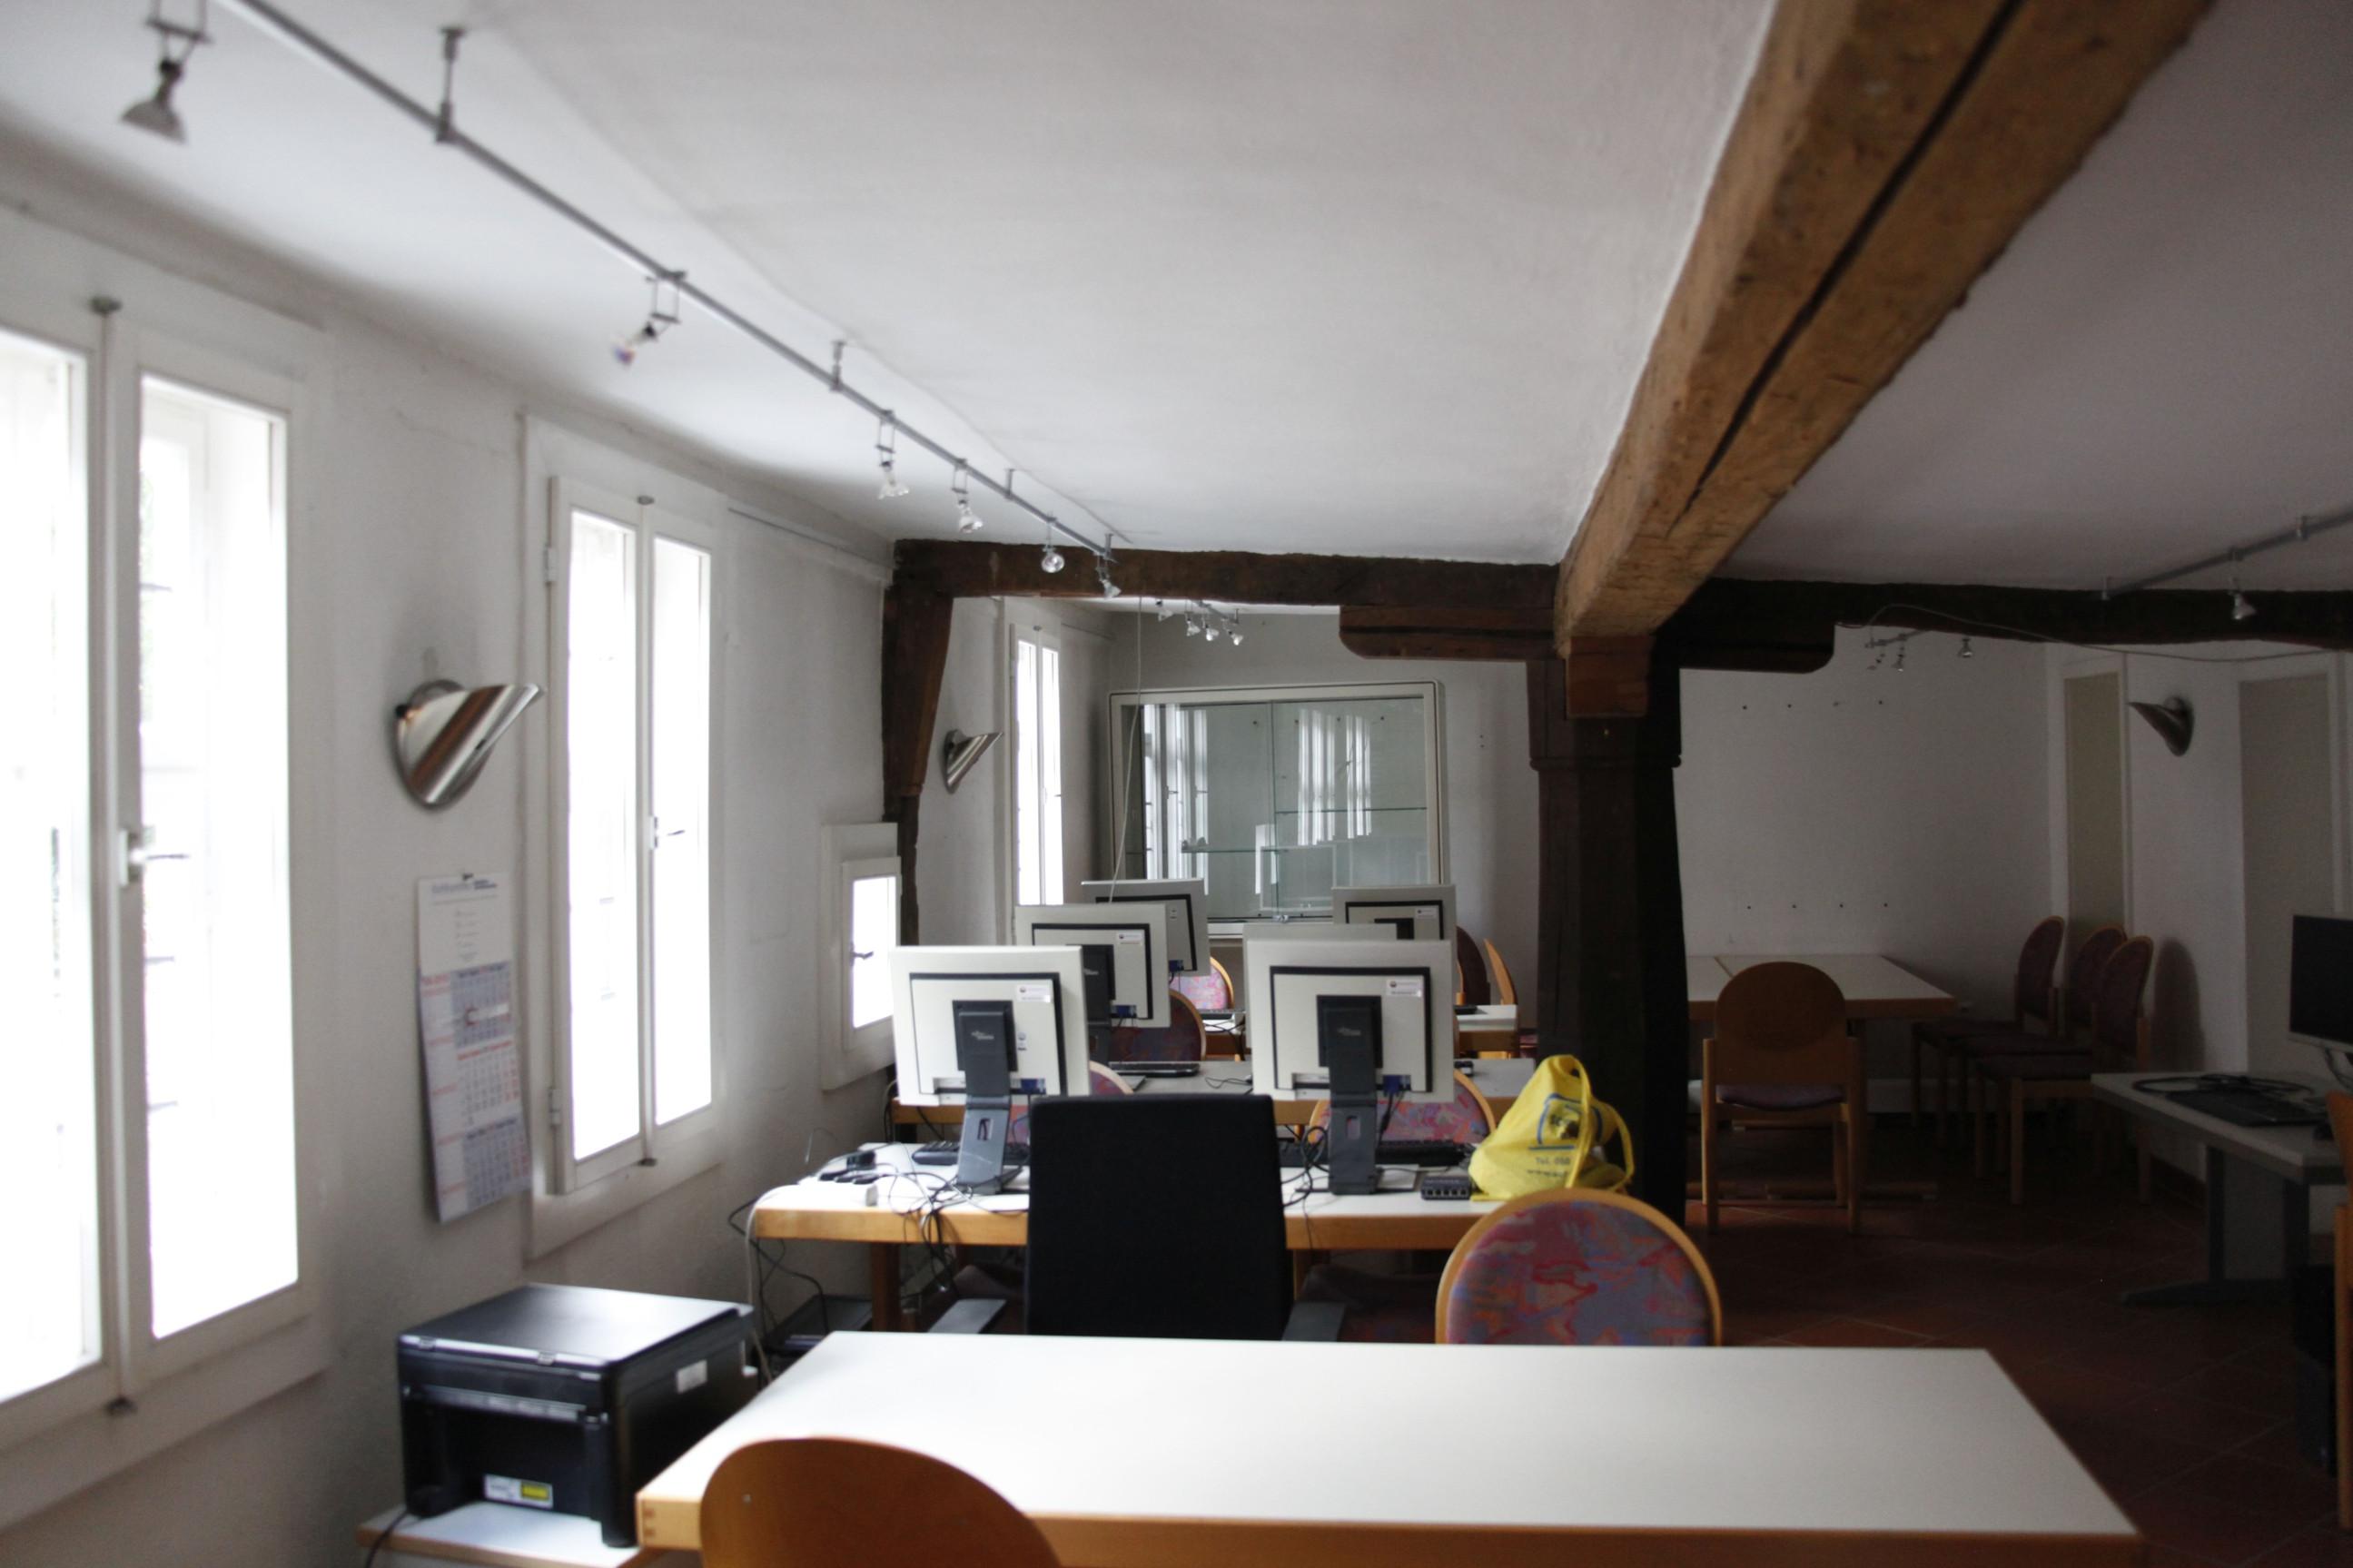 Blick auf sechs leere Computerarbeitsplätze, die sich in einem Raum mit dicken Holzbalken befinden.